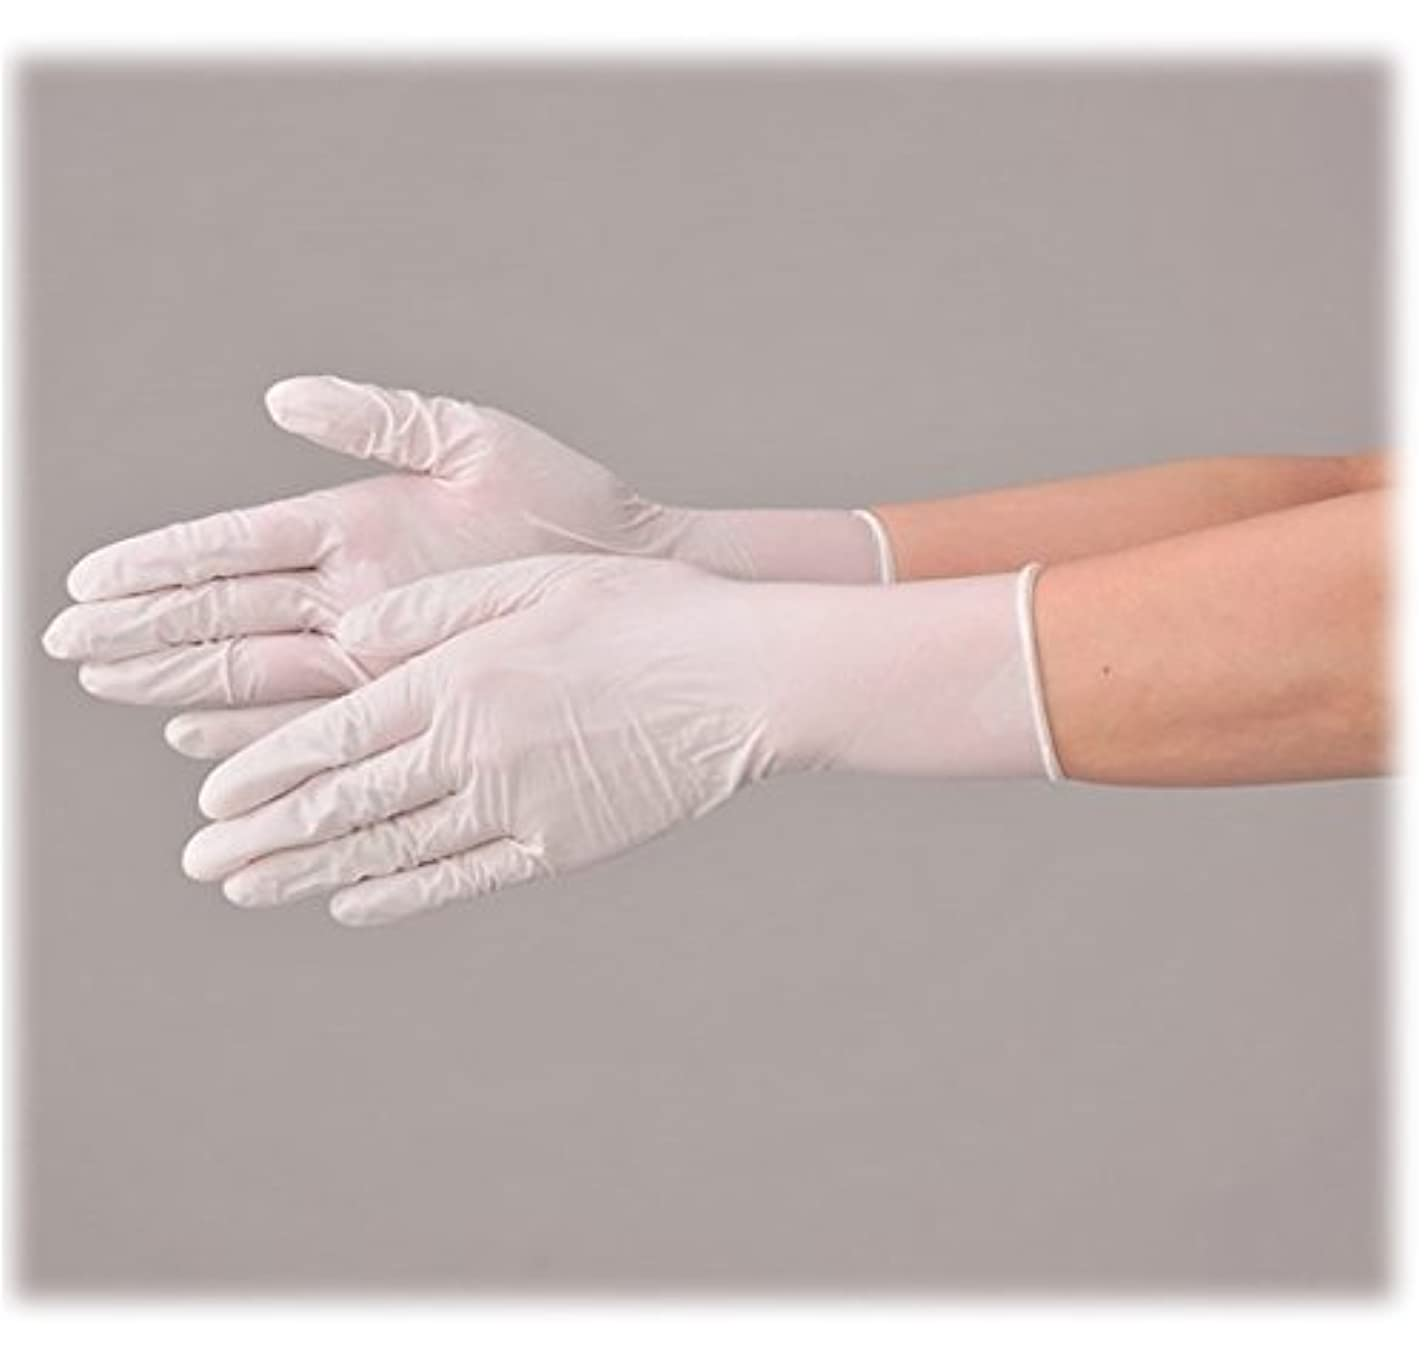 狂う透明により良い使い捨て 手袋 エブノ 510 ニトリル 極薄手袋 ホワイト Mサイズ 2ケース(100枚×40箱)